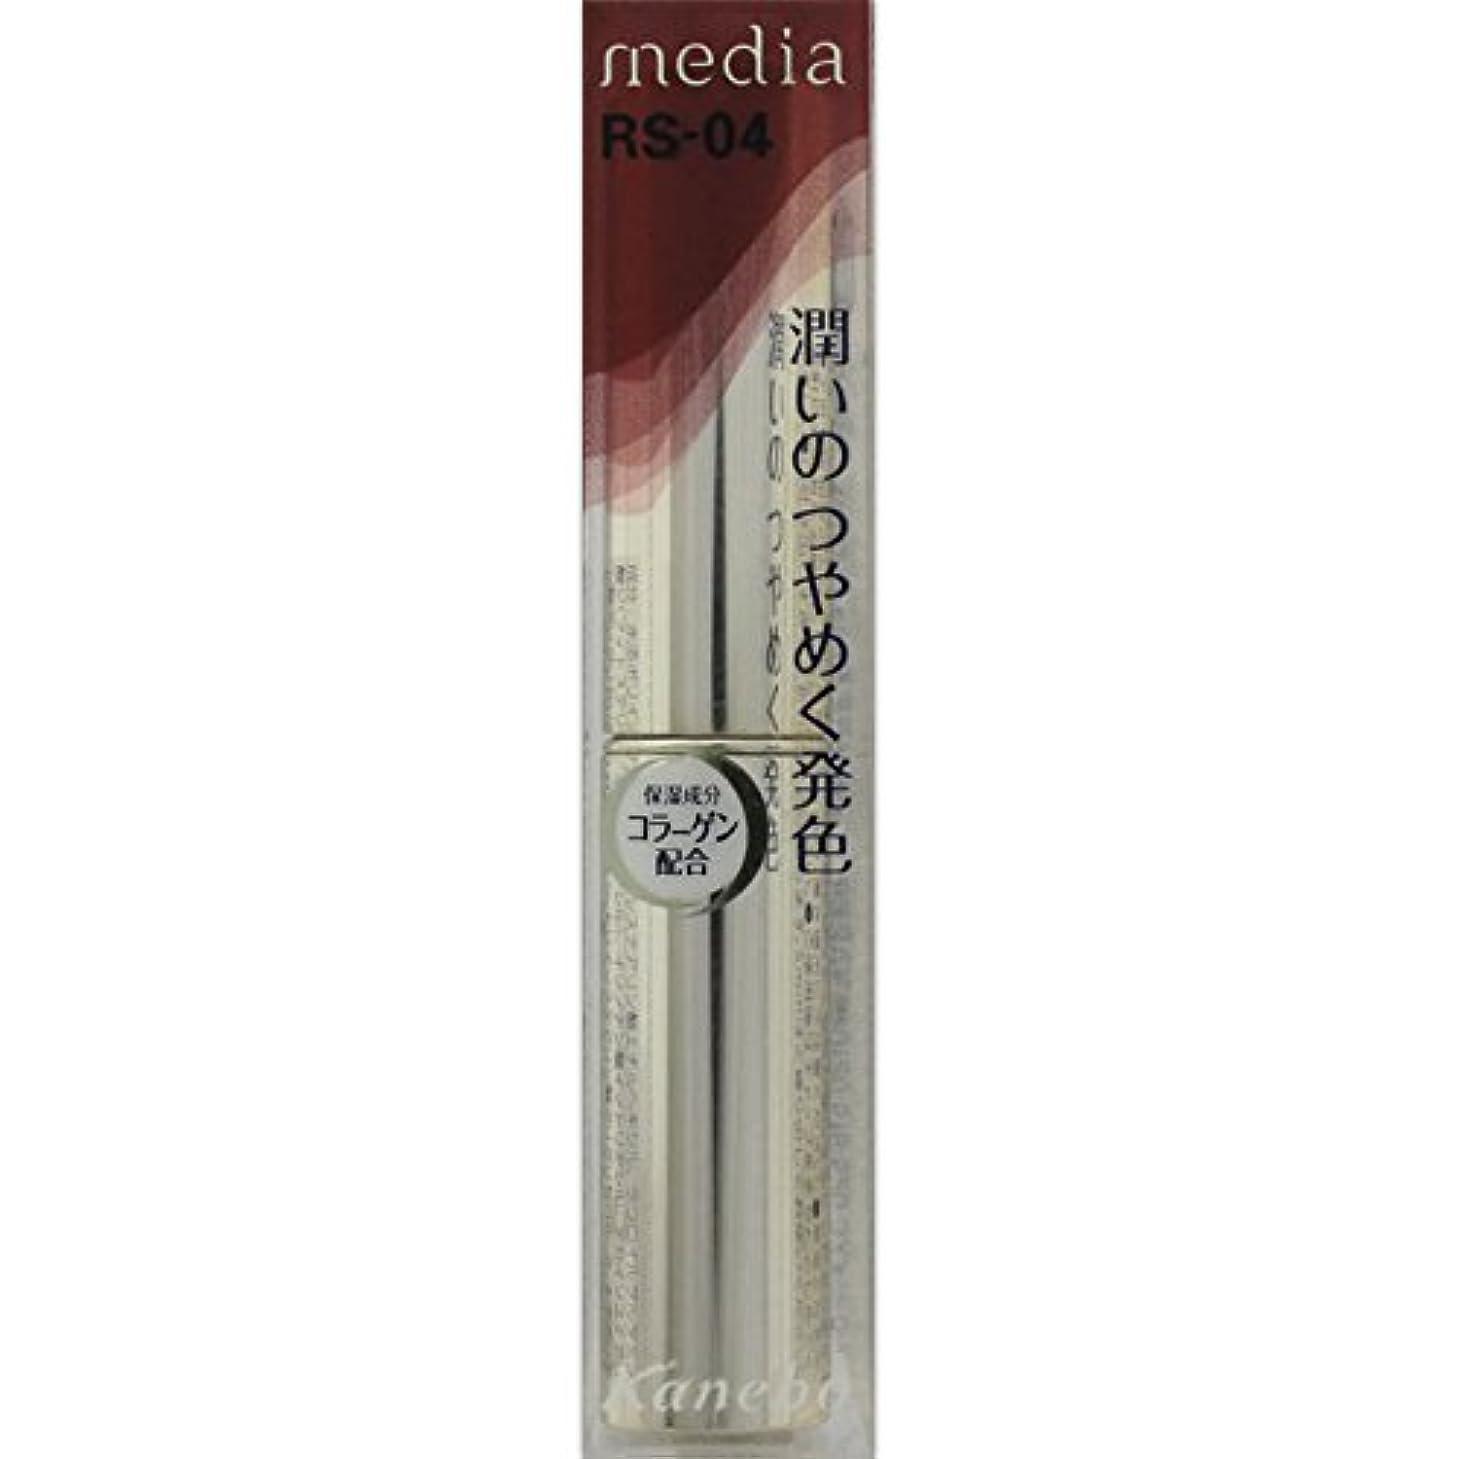 葉休日摩擦カネボウ メディア(media)シャイニーエッセンスリップA カラー:RS-04